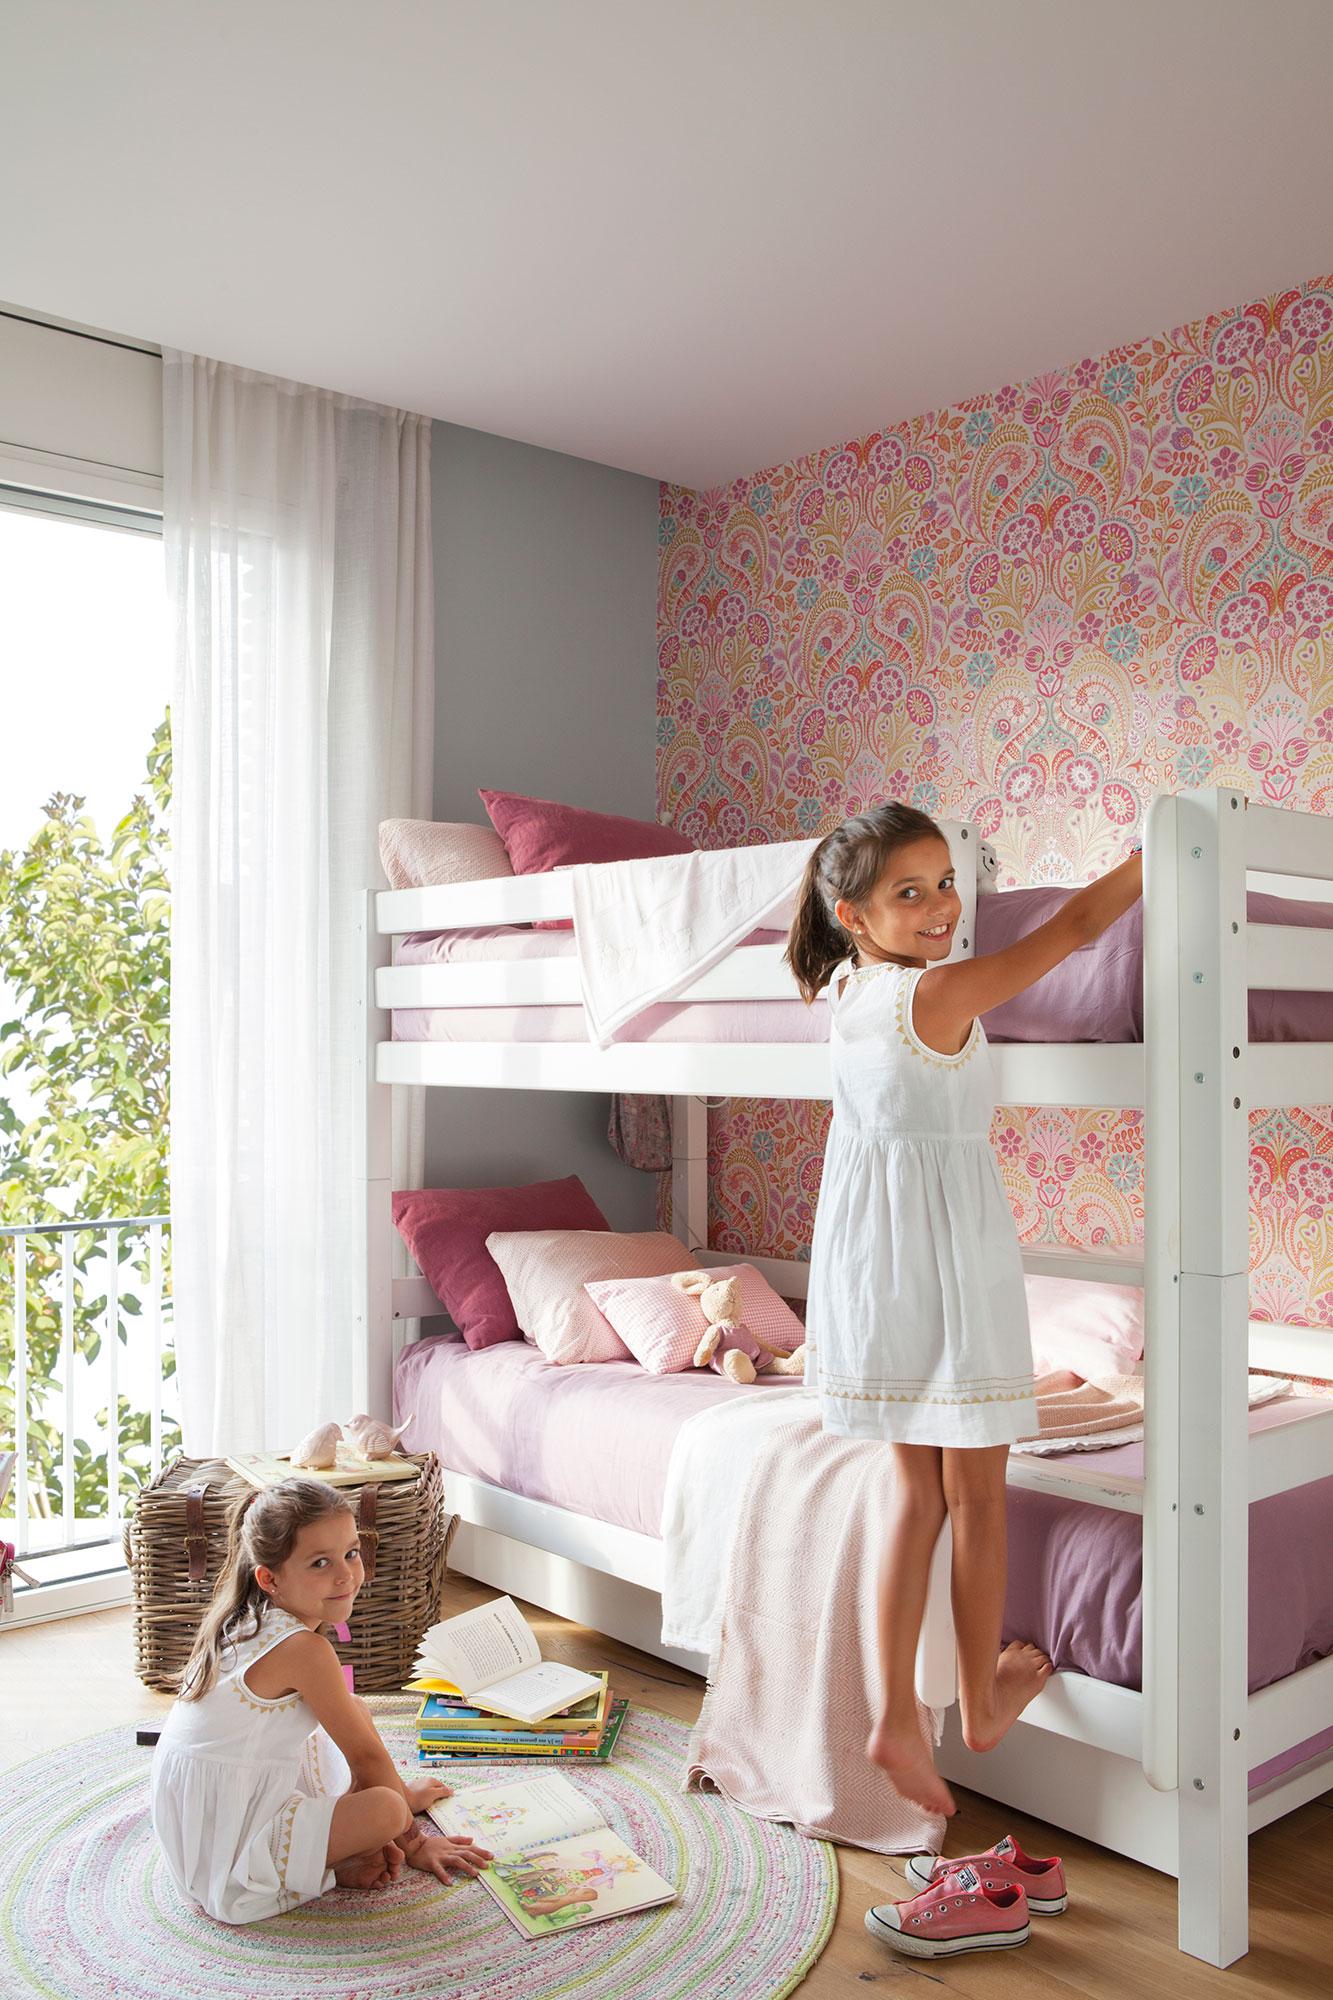 Decora la habitaci n infantil con papel pintado for Habitacion blanca y turquesa